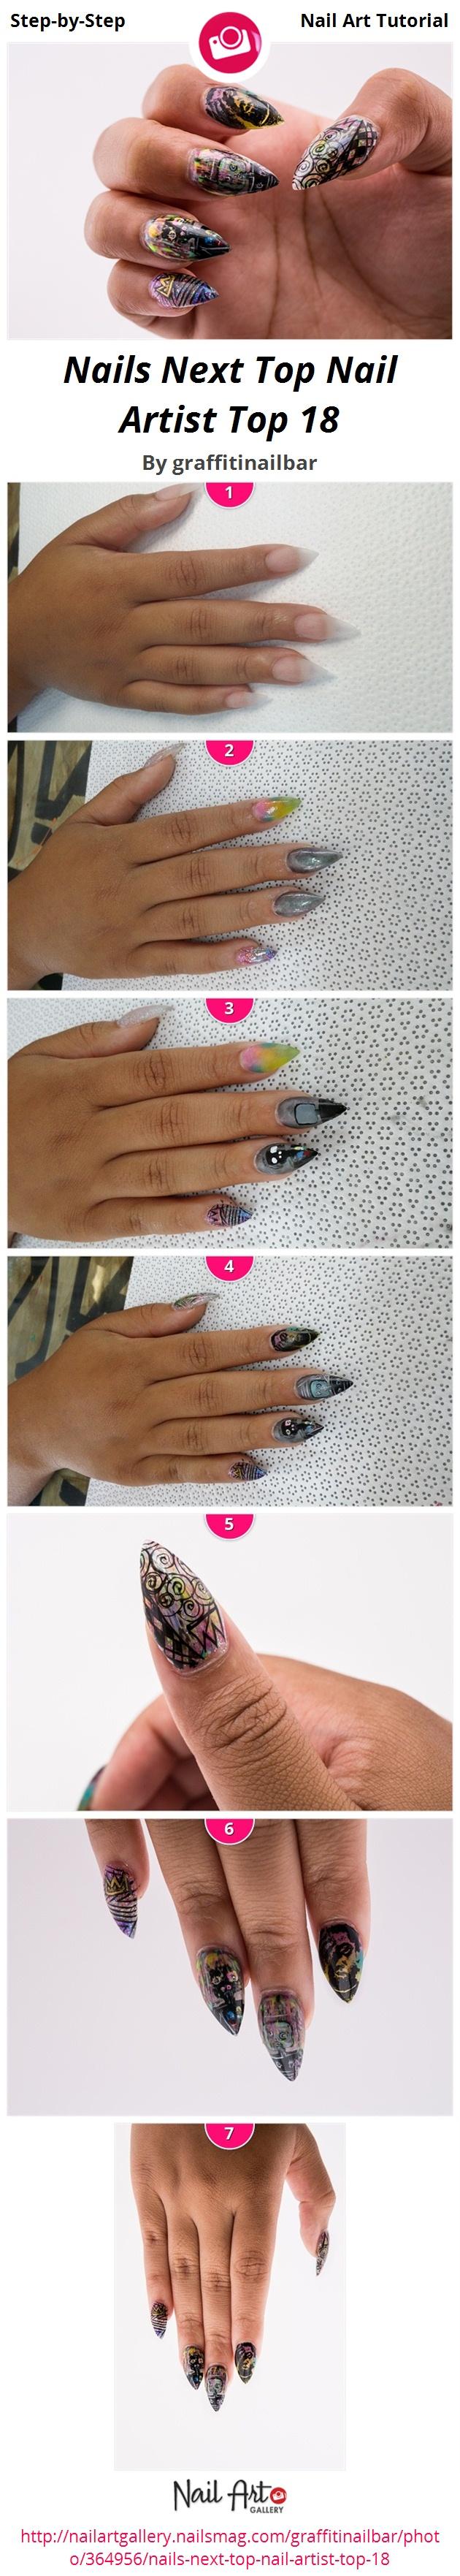 Nails Next Top Nail Artist Top 18 by graffitinailbar - Nail Art ...